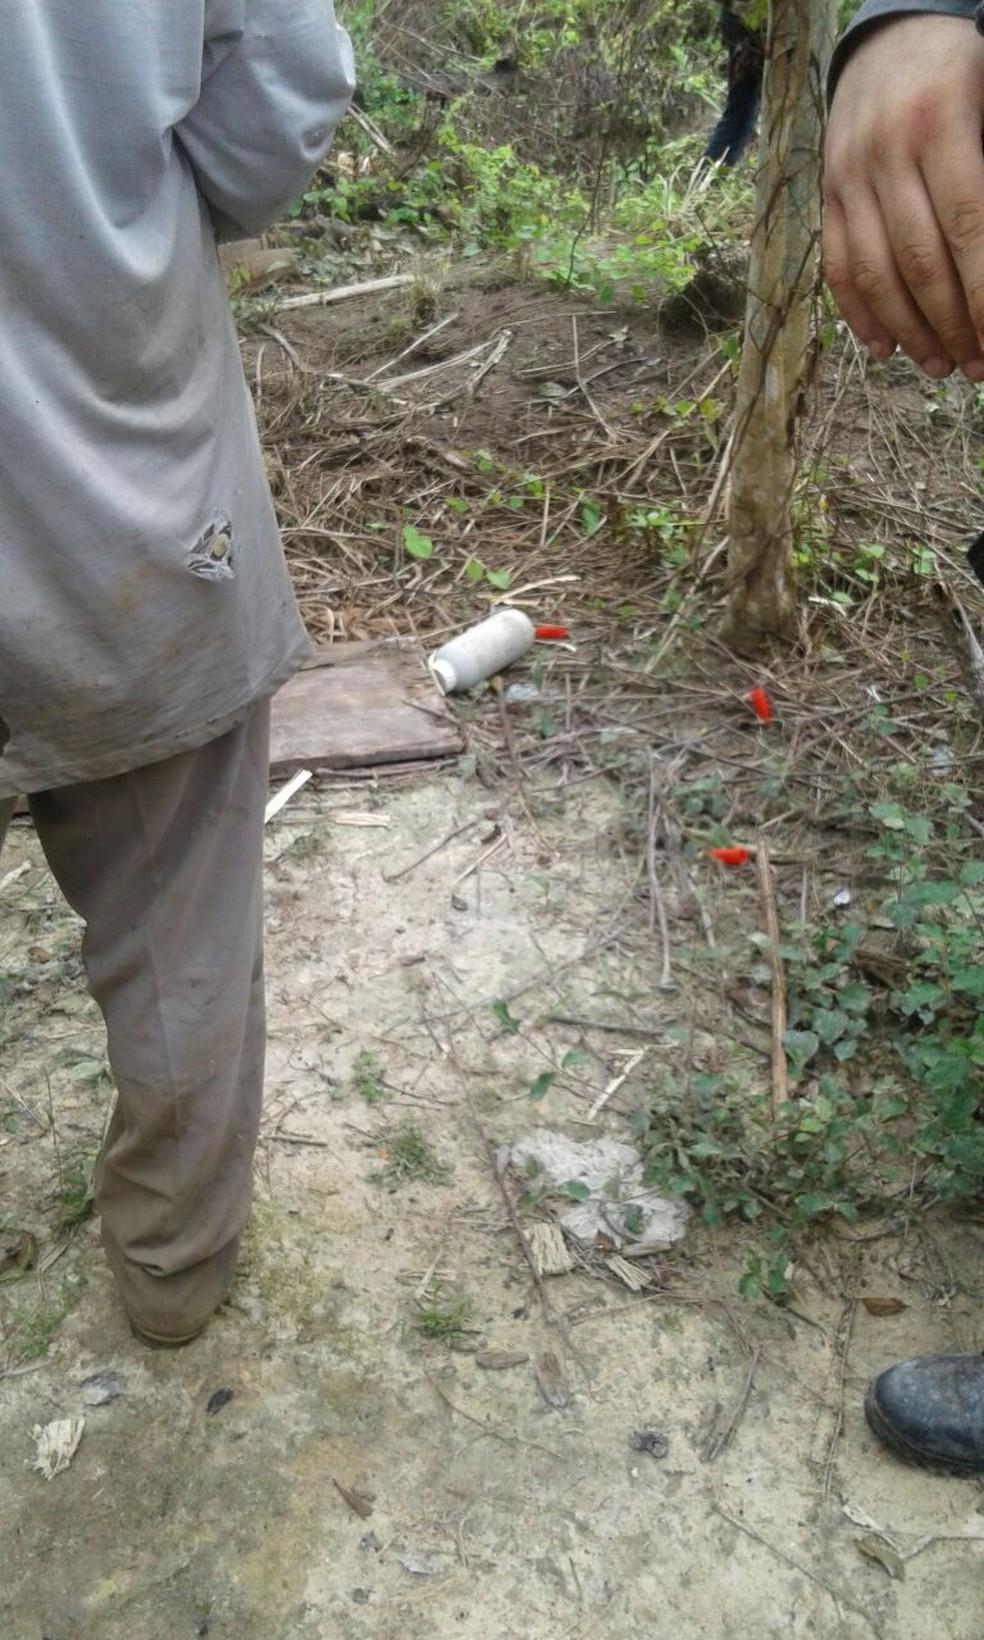 Governo de MT diz que 9 foram assassinados em ataque a área rural — Foto: Ciopaer/MT